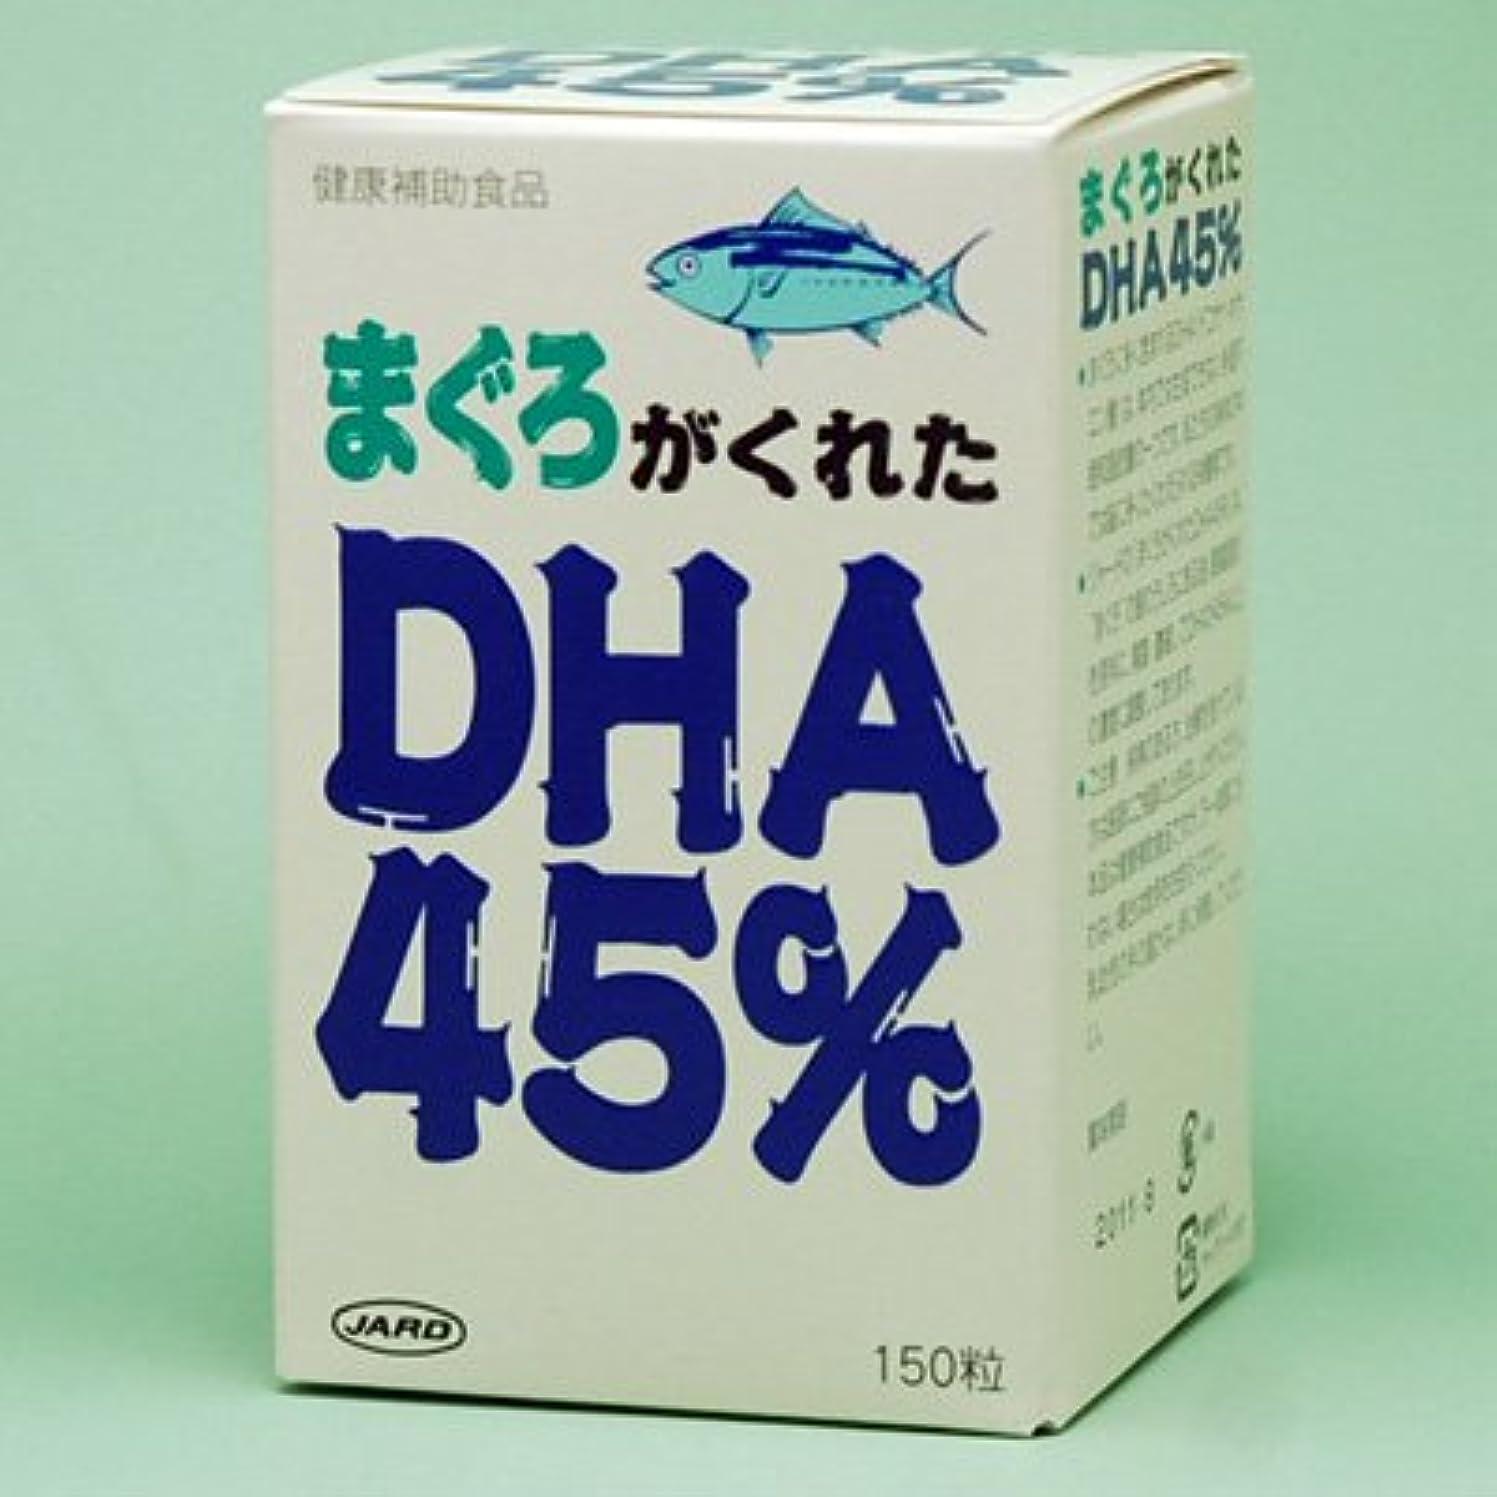 使い込むピグマリオン夢中まぐろがくれたDHA45%【6本セット】ジャード